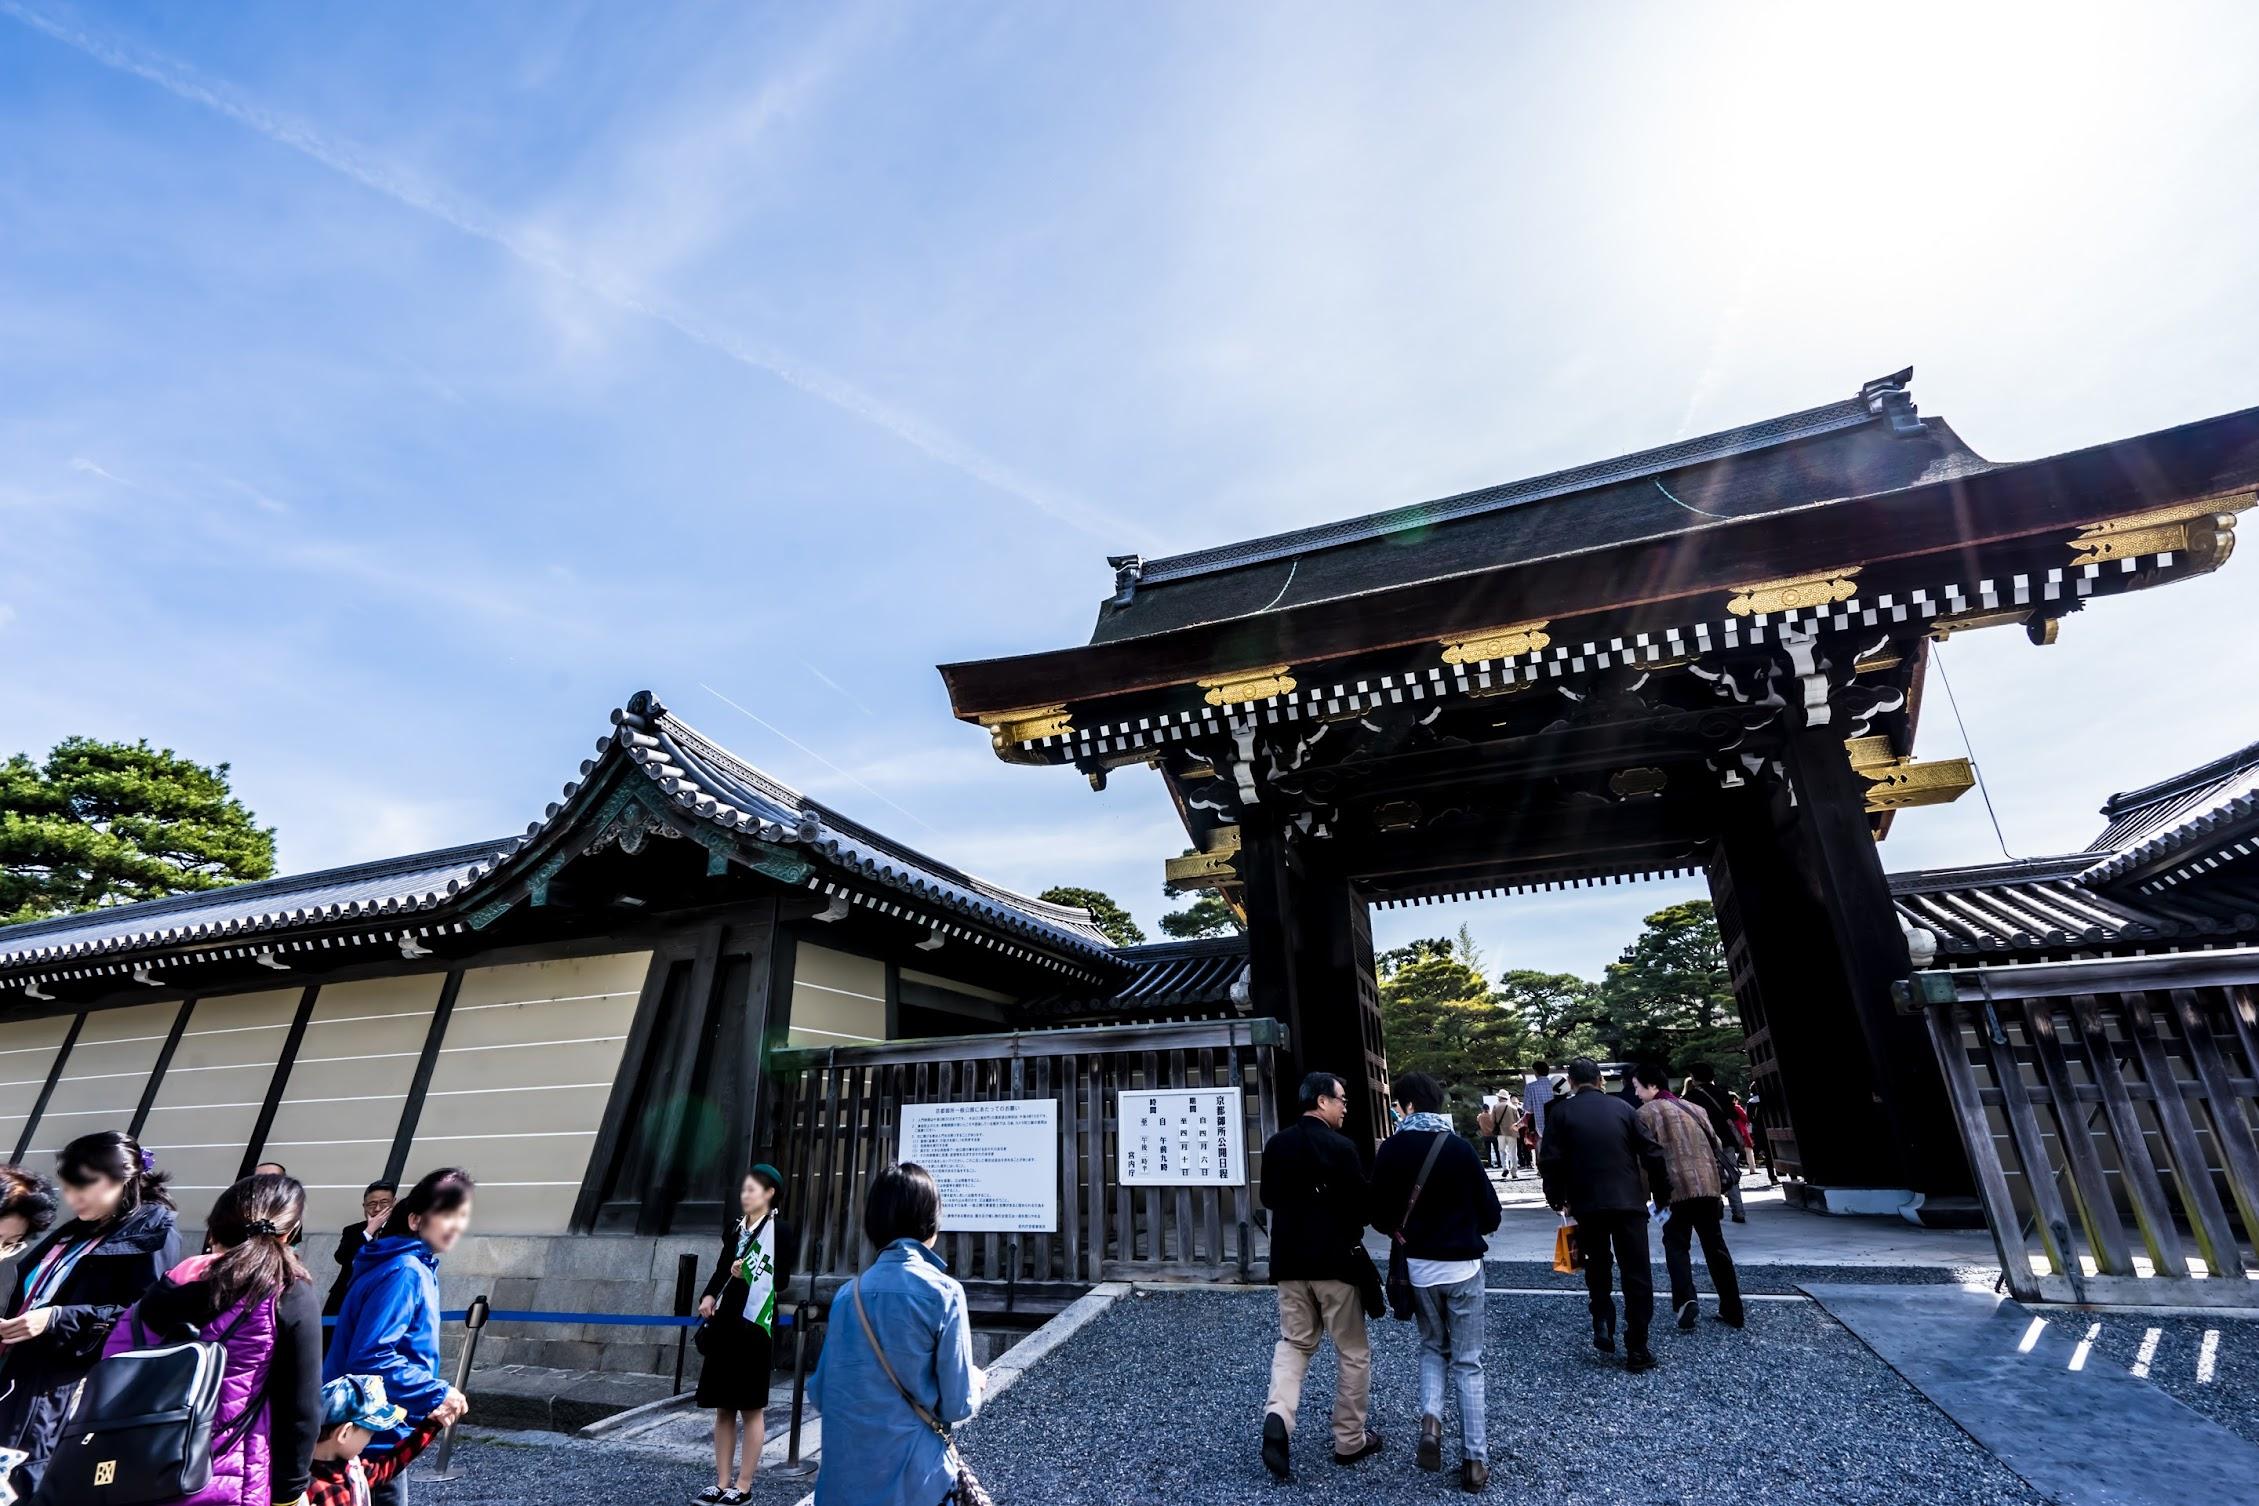 Kyoto Imperial Palace Gishu-mon gate